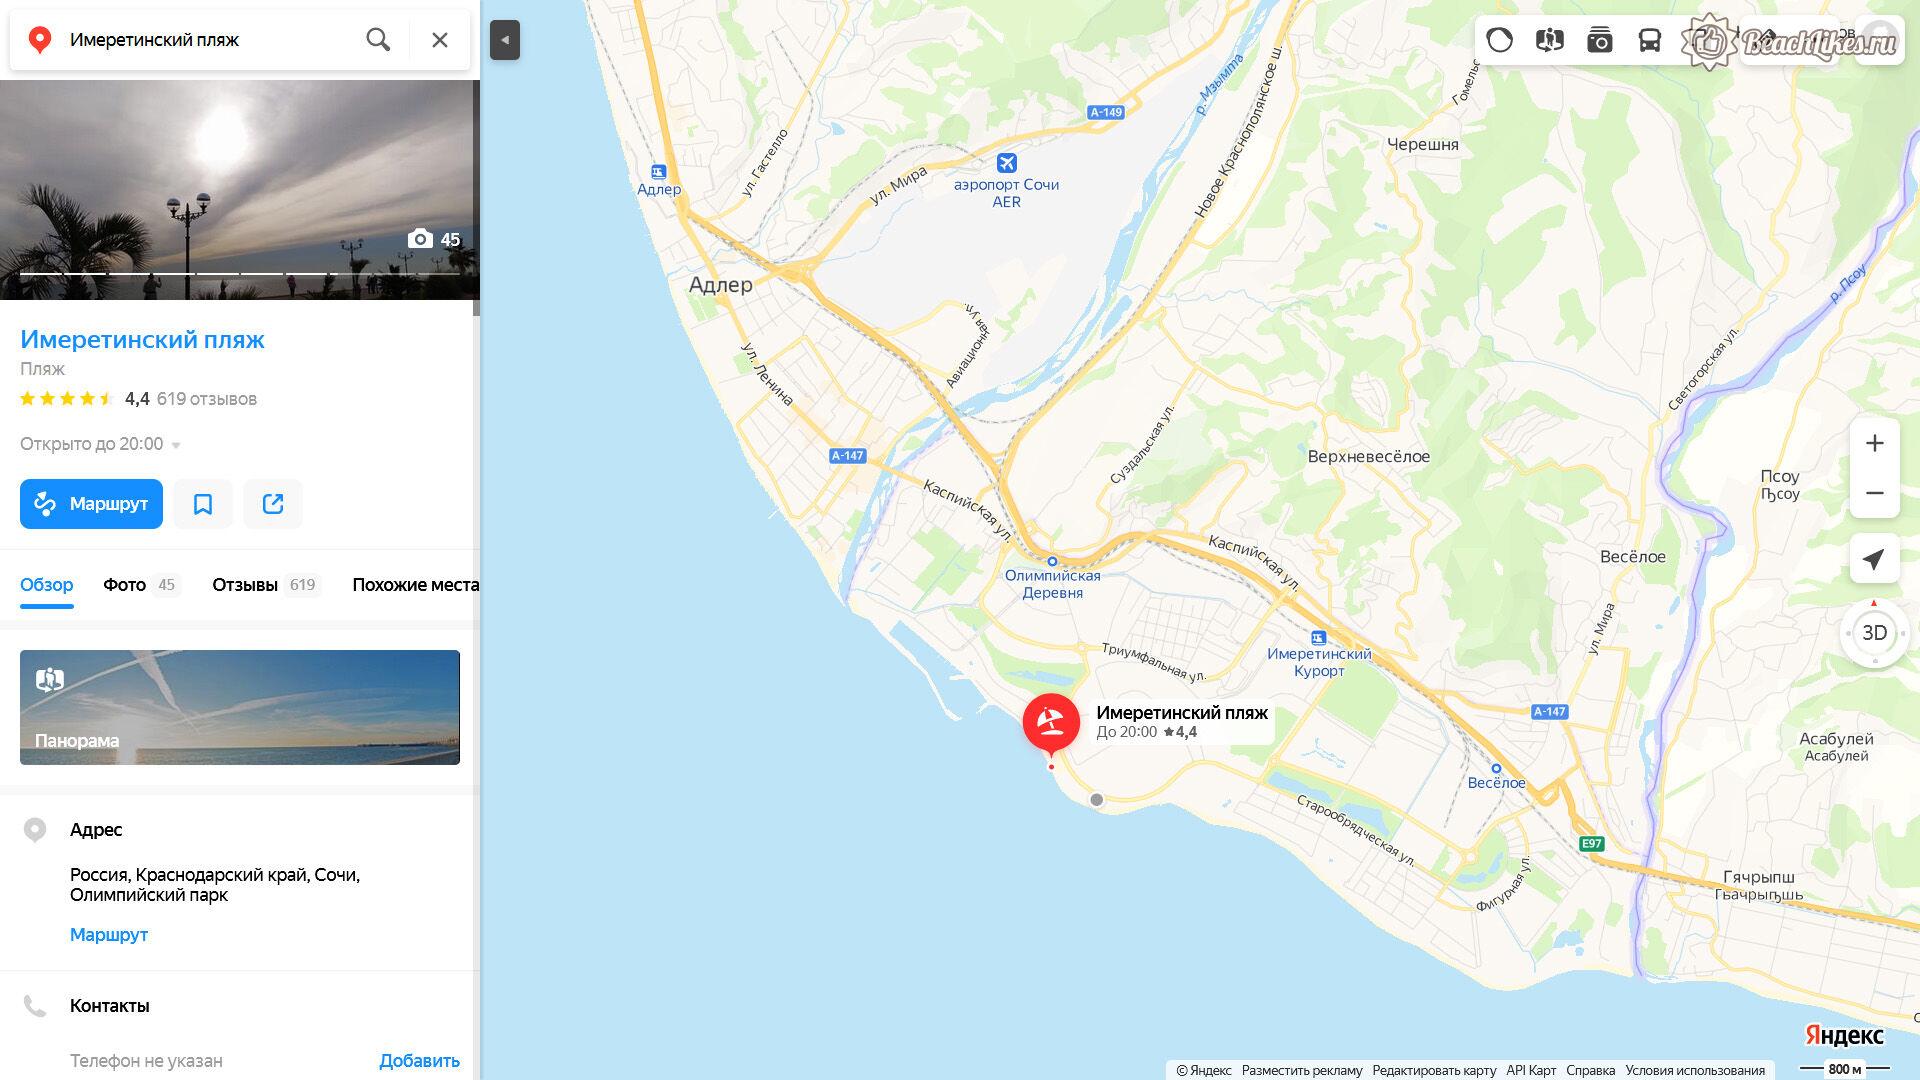 Где находится пляж Имеретинский точка на карте и адрес